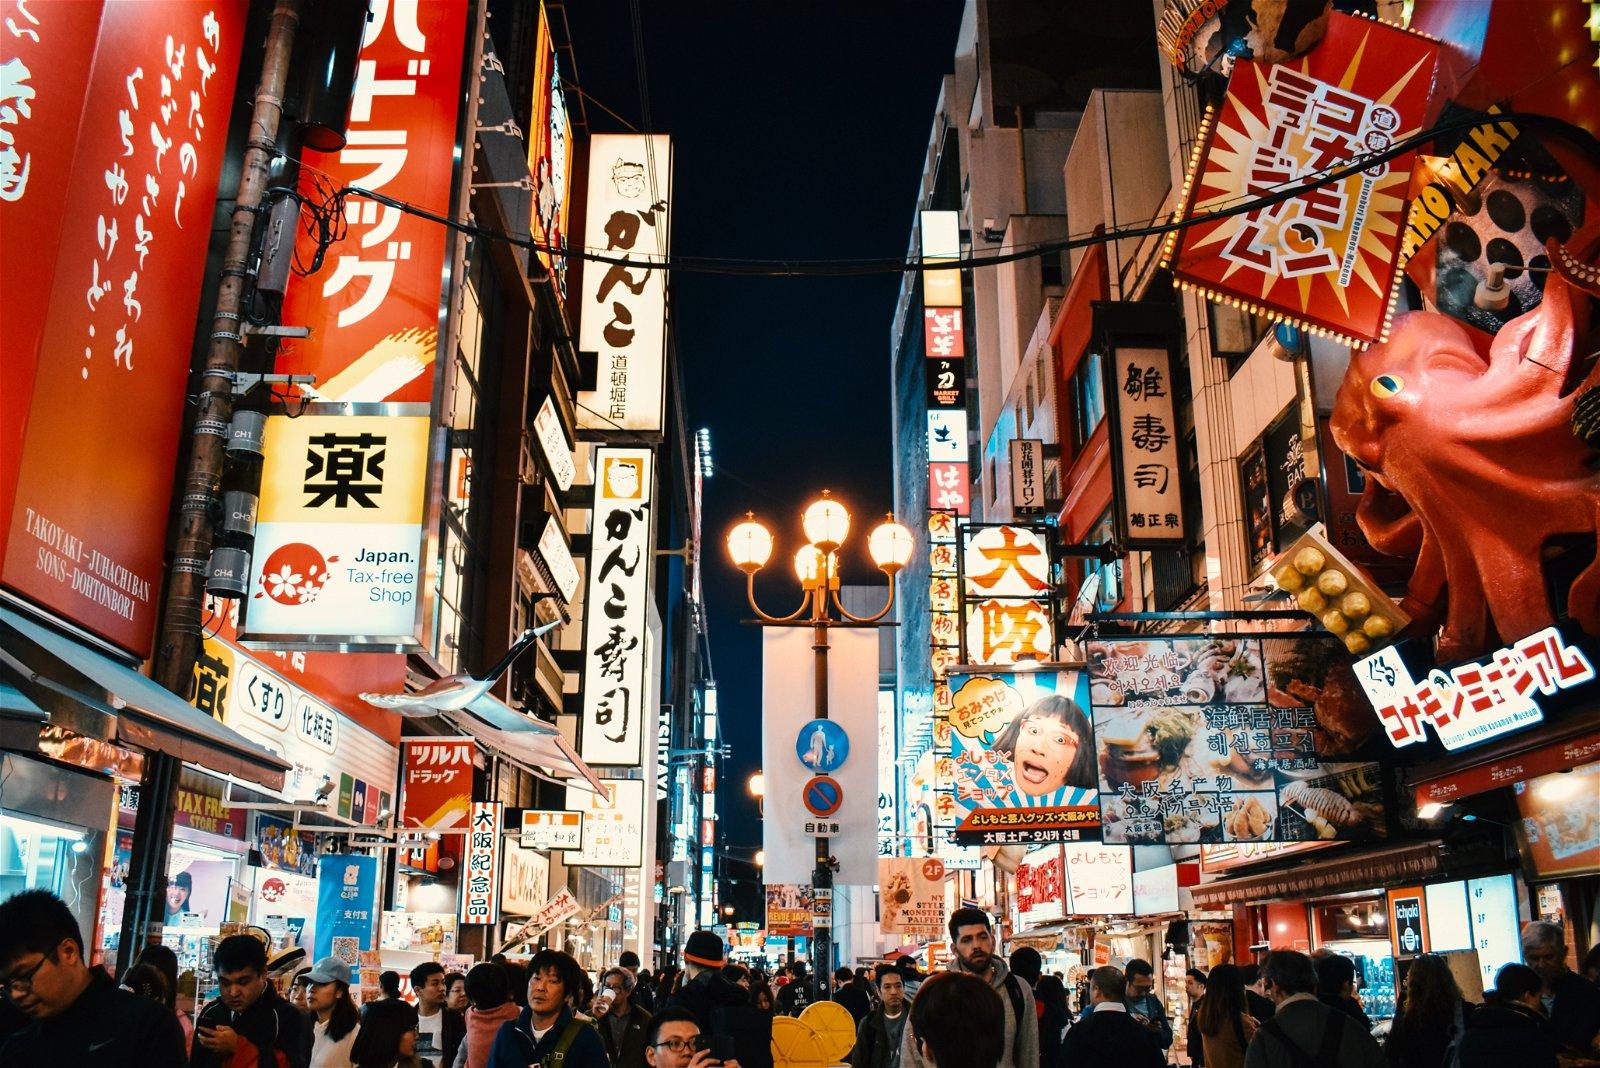 ทัวร์ญี่ปุ่น เที่ยวญี่ปุ่น เกียวโต โอซาก้า ศาลเจ้าเทพเจ้าจิ้งจอกอินาริ ปราสาทโอซาก้า 4วัน 3คืน บินสายการบินไทยไลอ้อนแอร์ (SL)